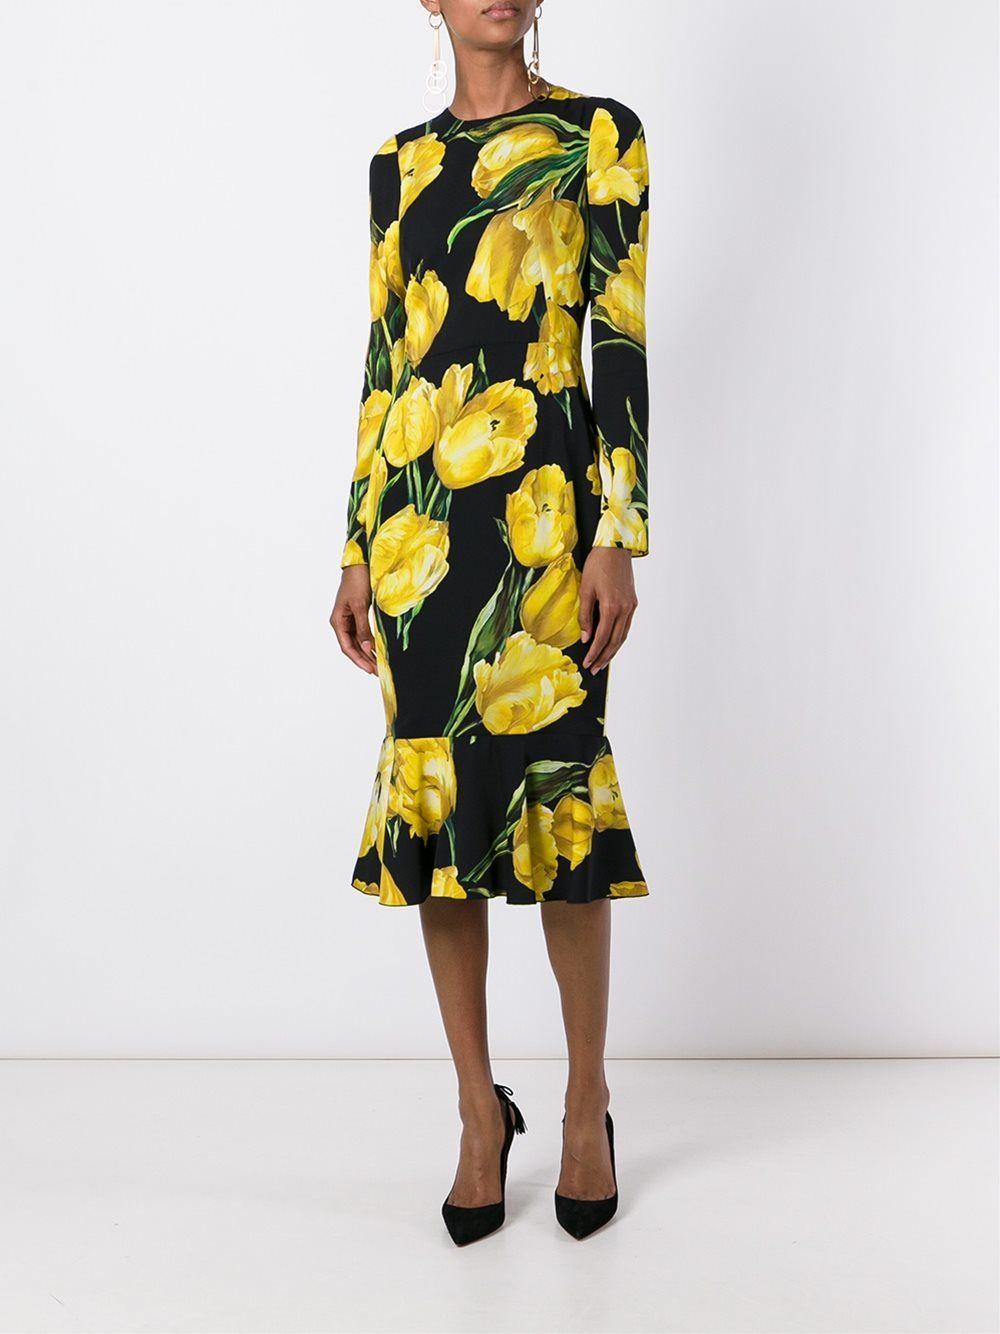 cd3b28efd2ebf30 Dolce & Gabbana облегающее платье с цветочным принтом | bpdress in ...